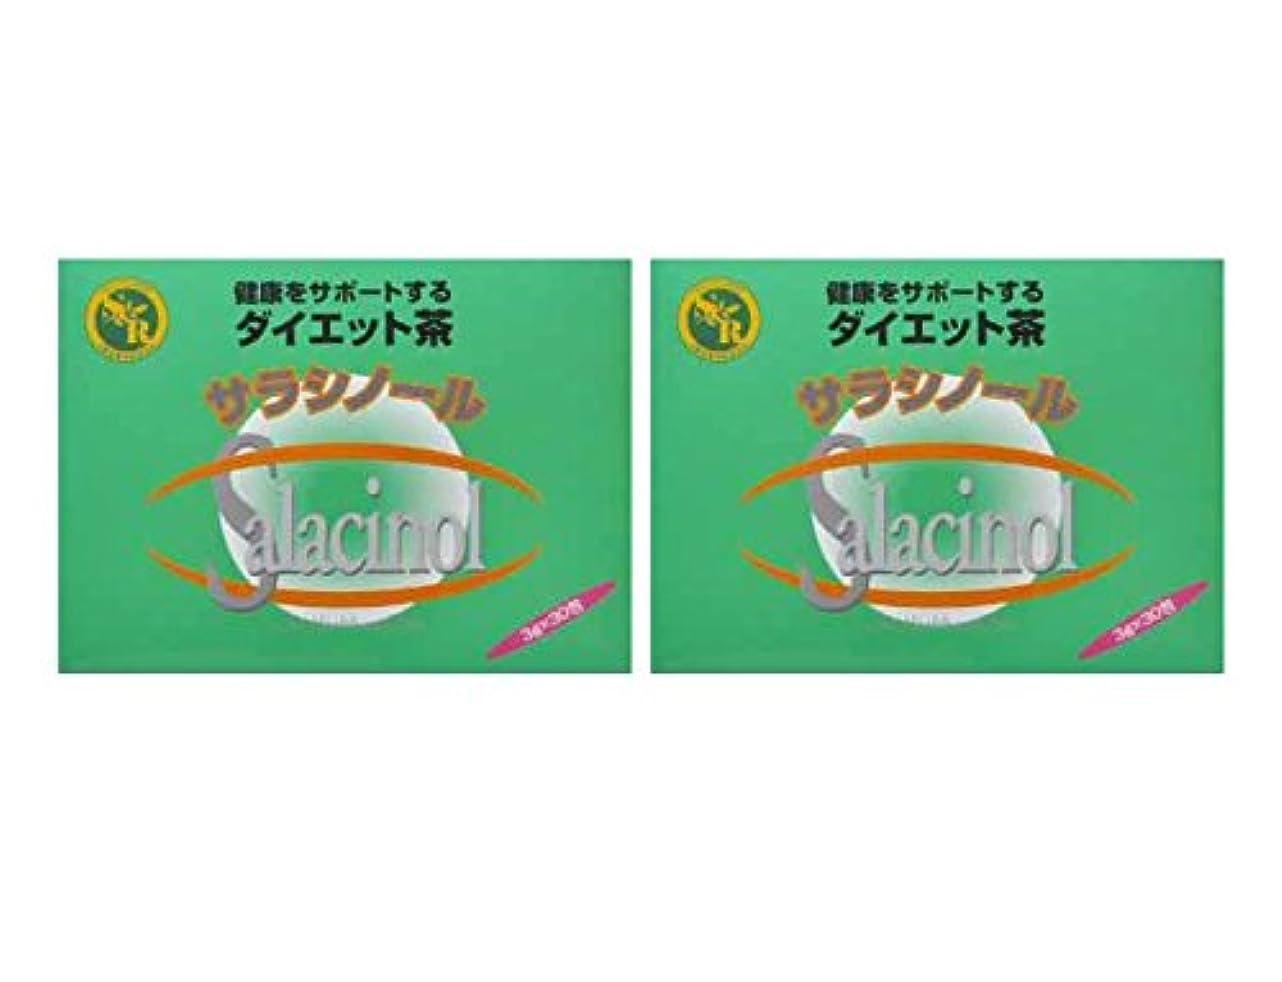 倫理着替える進むジャパンヘルス サラシノール茶 3g×30包×2箱セット(サラシア茶?ダイエット茶)